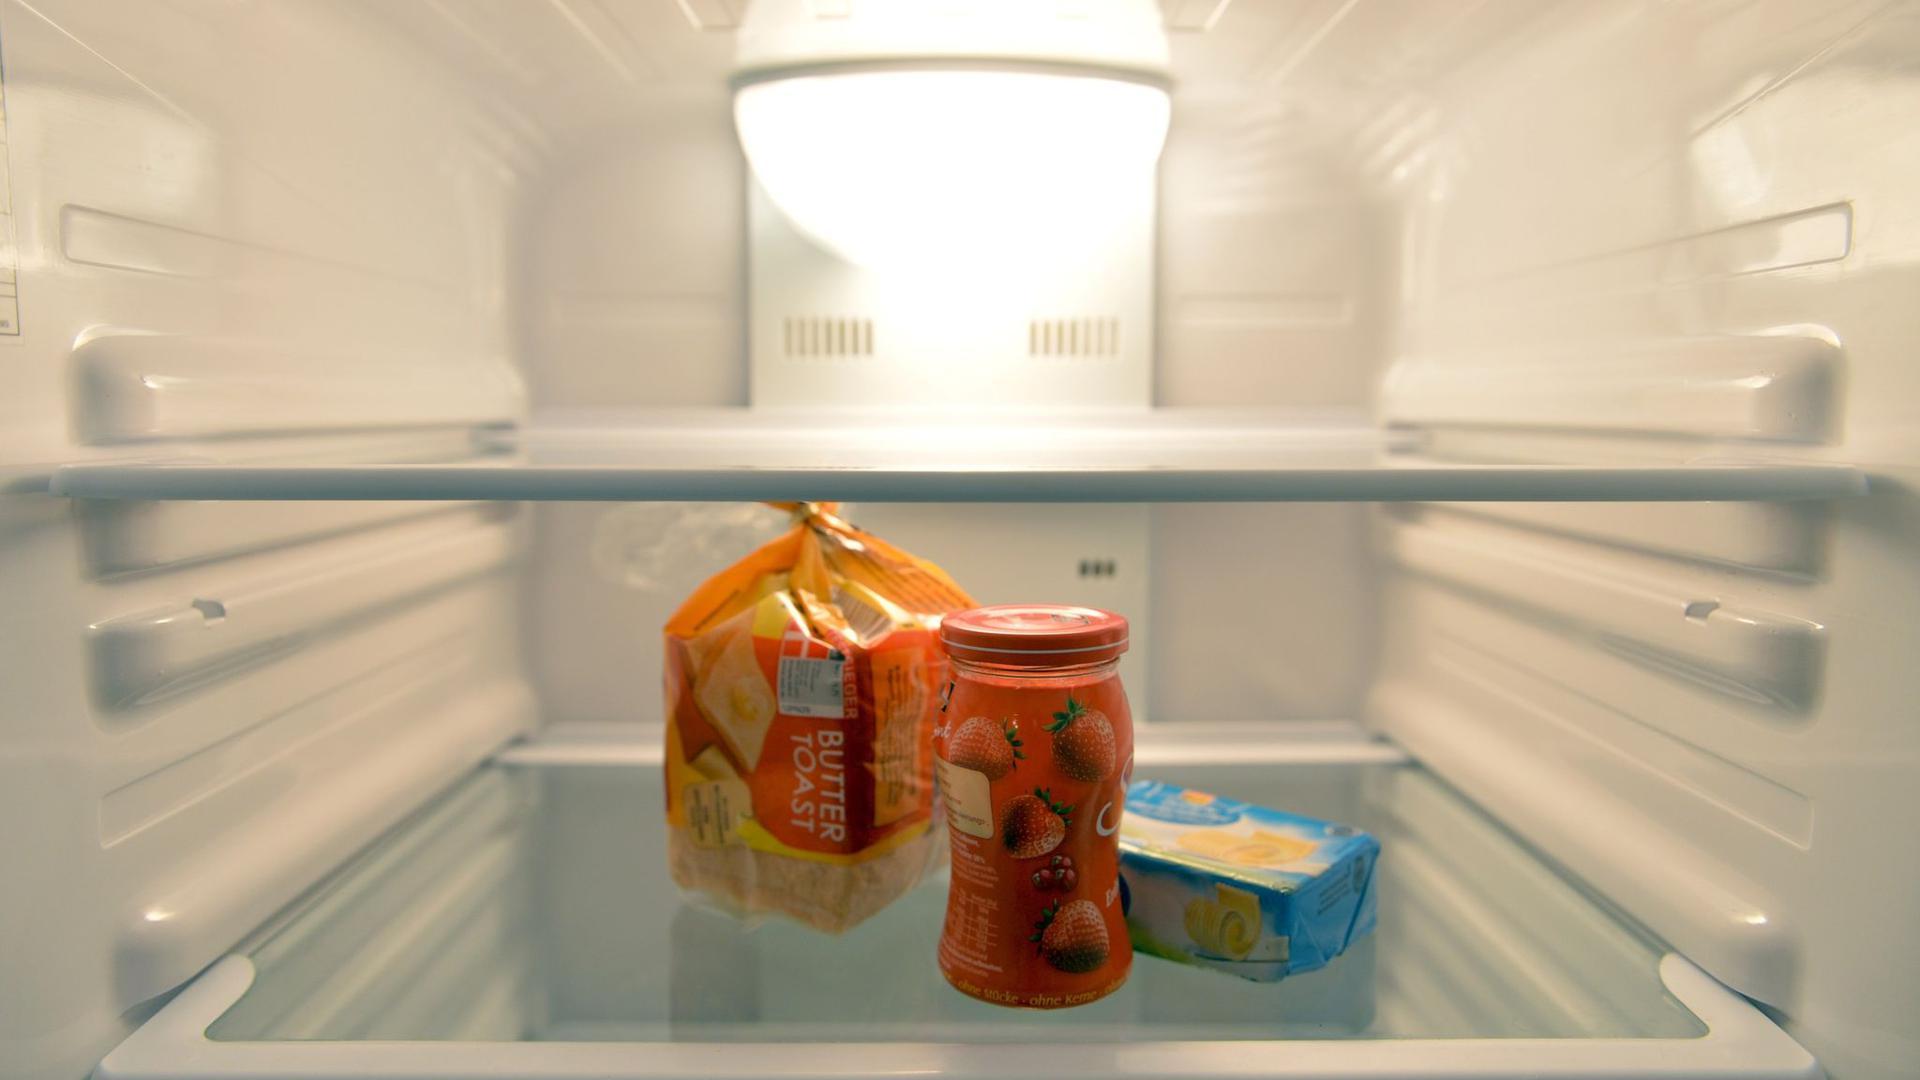 Konfitüre, Toastbrot und Butter stehen in einem Kühlschrank. 2019 lebte jeder fünfte Mensch in Deutschland in einem Einpersonenhaushalt.